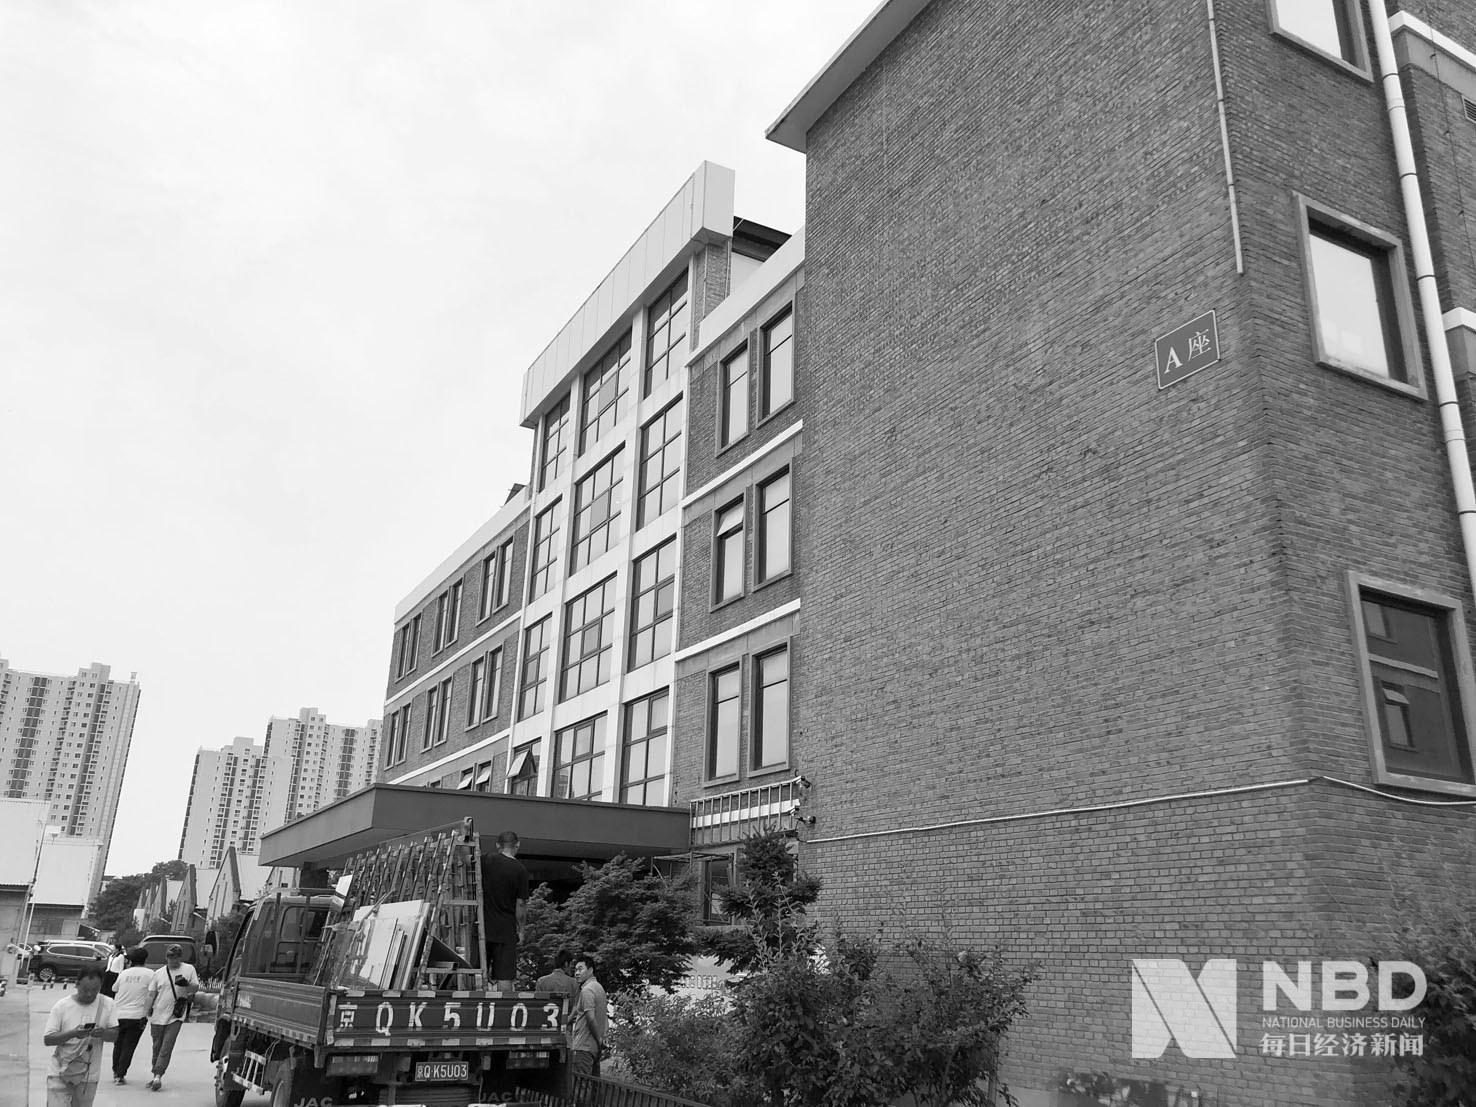 ▲尚品网总部位于北京懋隆文化产业创意园A座 每经记者 刘洋 摄